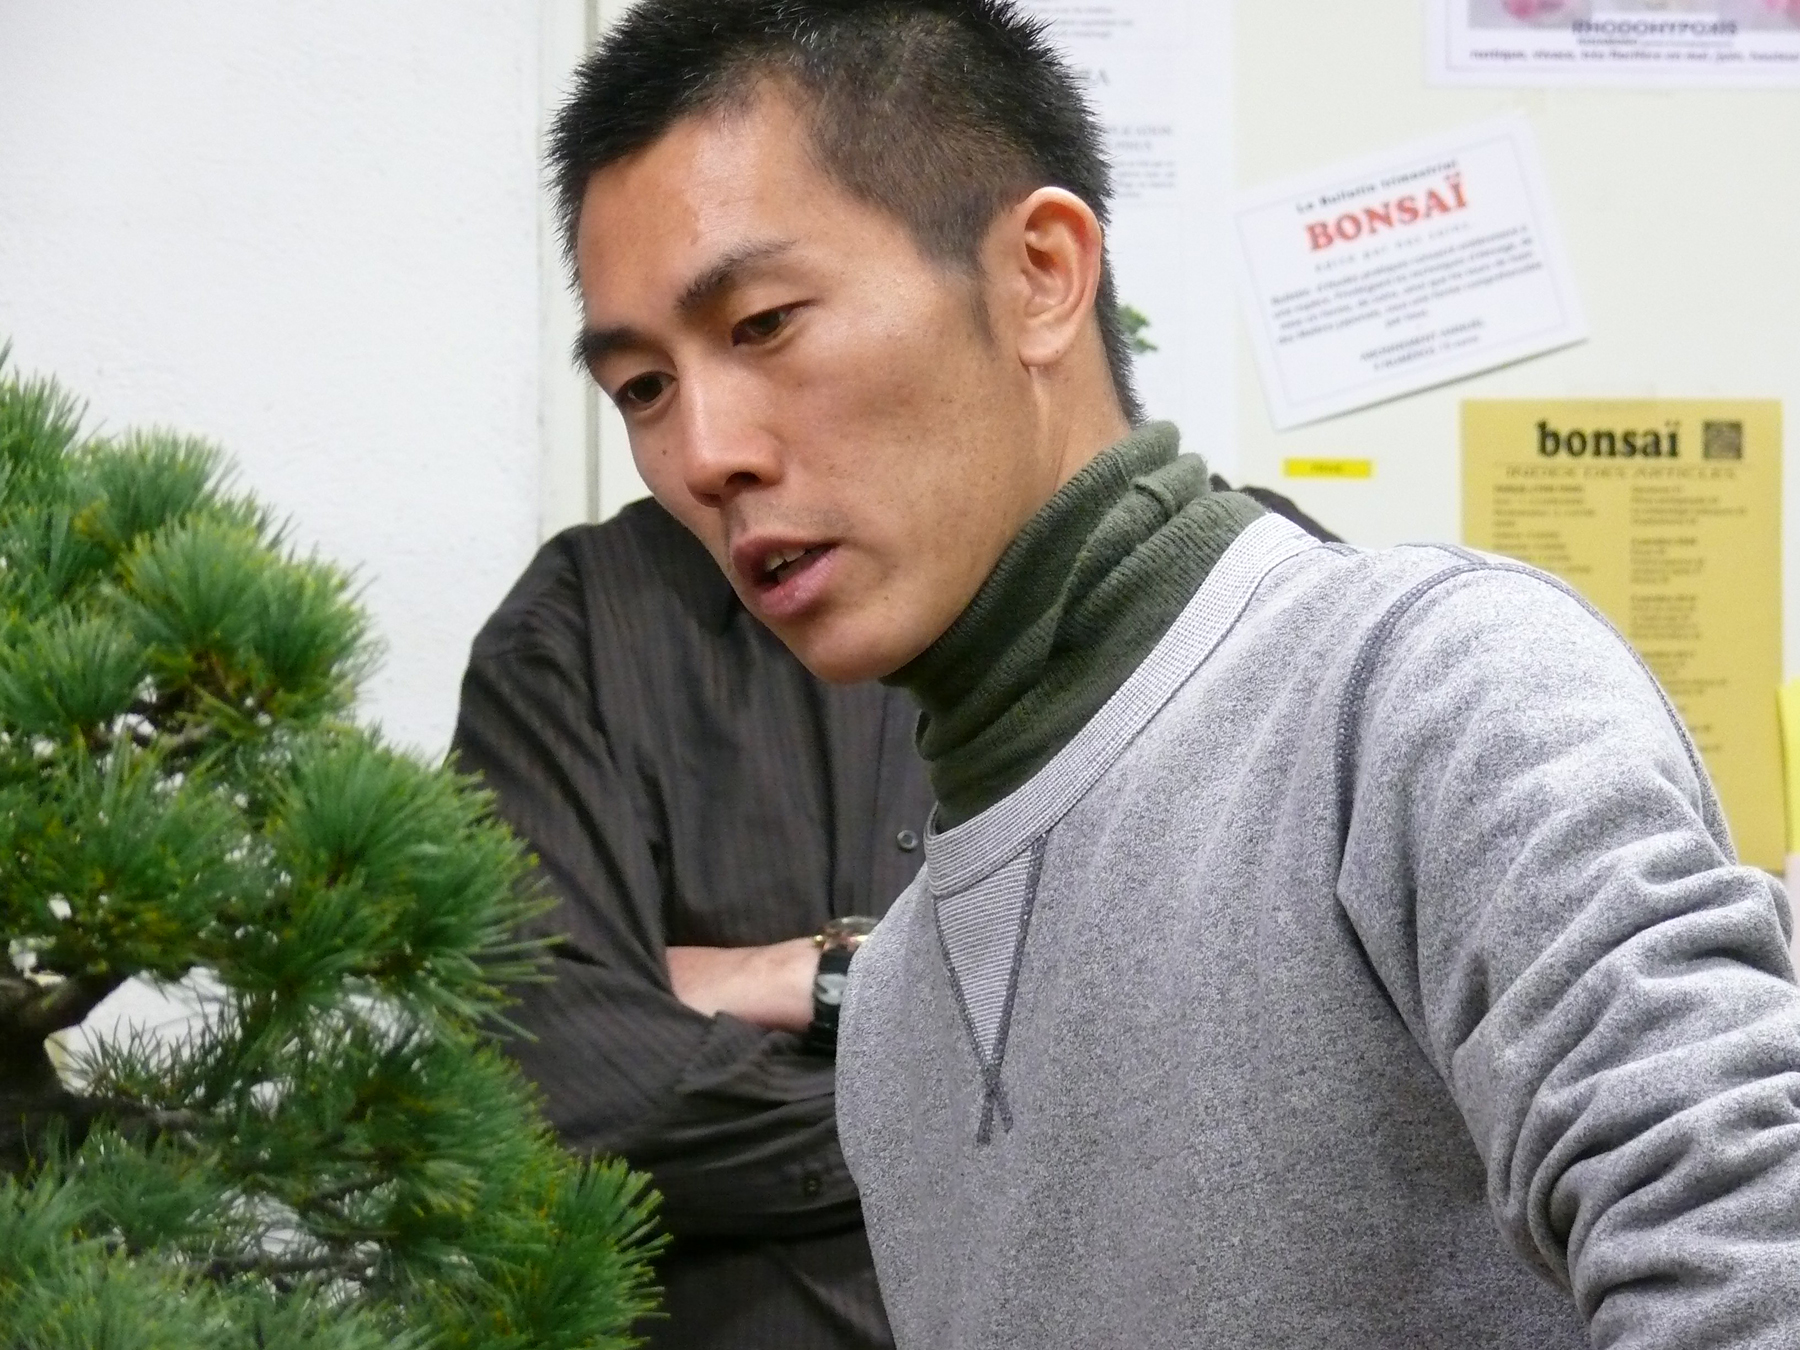 Shiino Kentaro, le plus jeune maitre bonsai du Japon